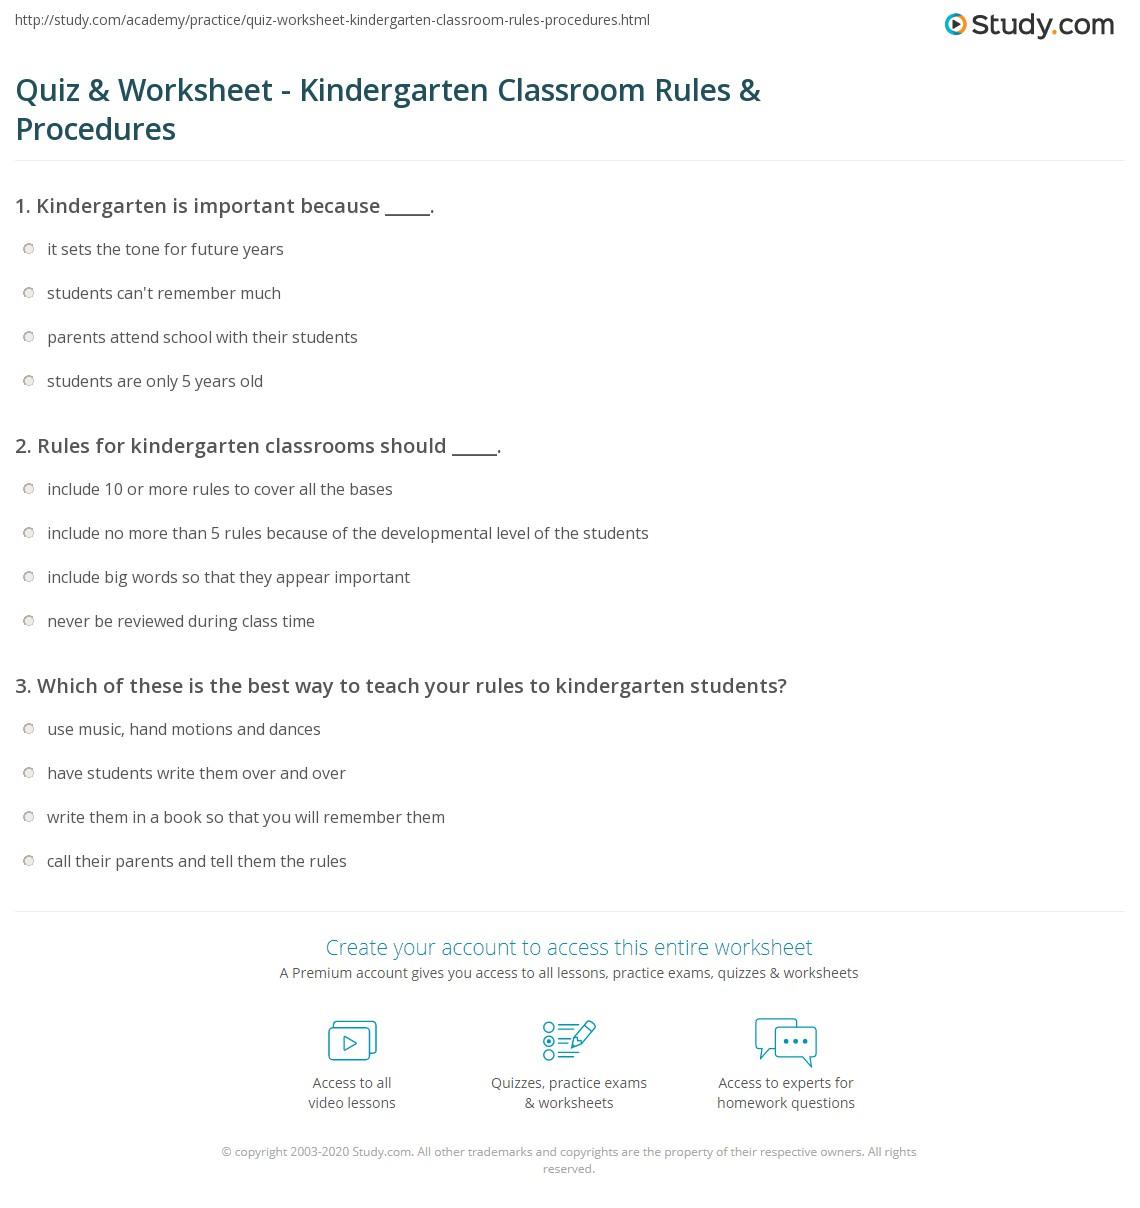 print classroom rules and procedures for kindergarten worksheet